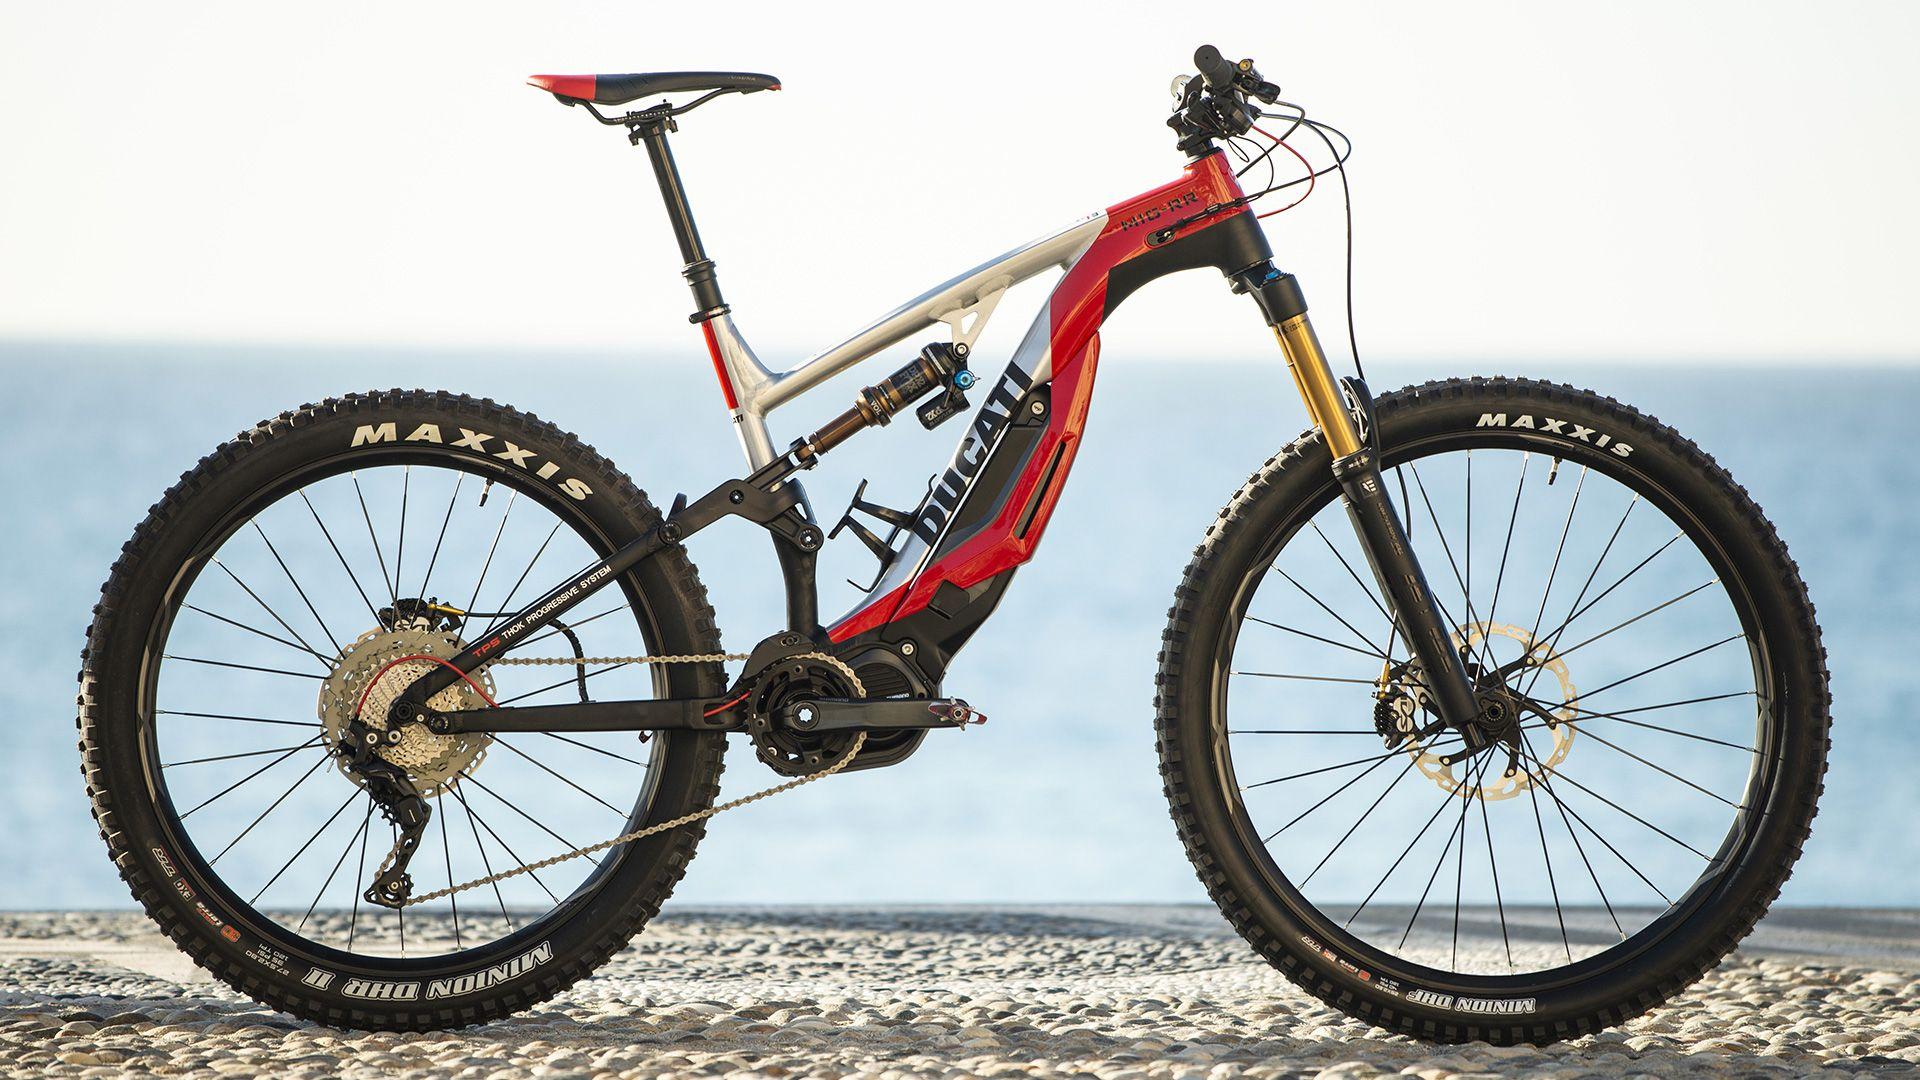 Ducati Mig Rr E Bike Dengan Gambar